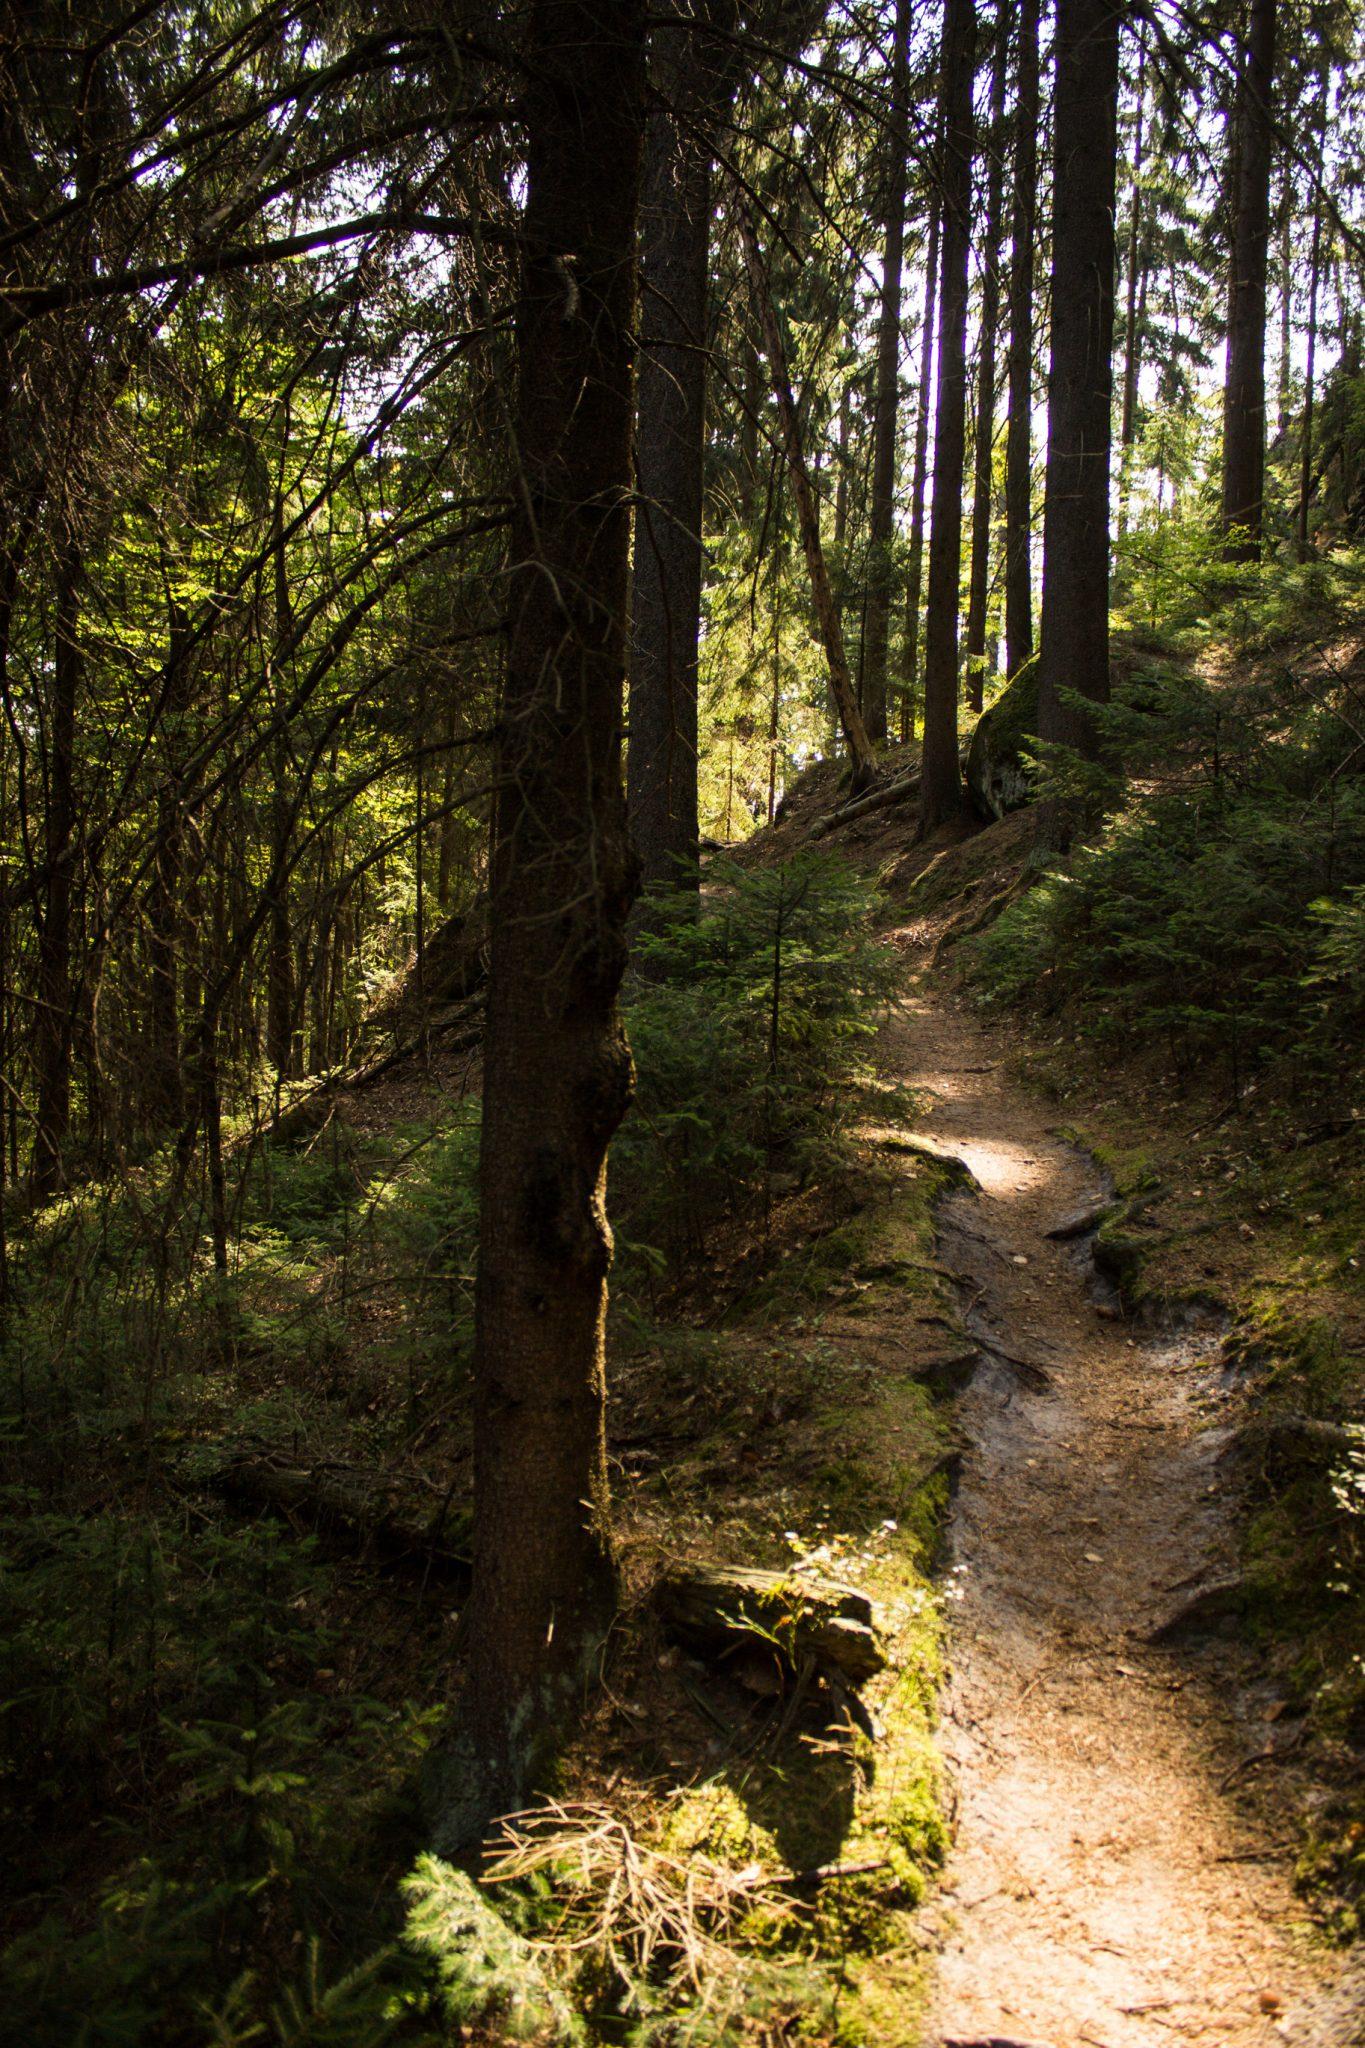 Zeughaus Roß- und Goldsteig Richterschlüchte im Kirnitzschtal wandern, Wanderweg im Wanderparadies Sächsische Schweiz mit vielen tollen Aussichten, riesiger Felsennationalpark, oft sind viele Höhenmeter zu überwinden